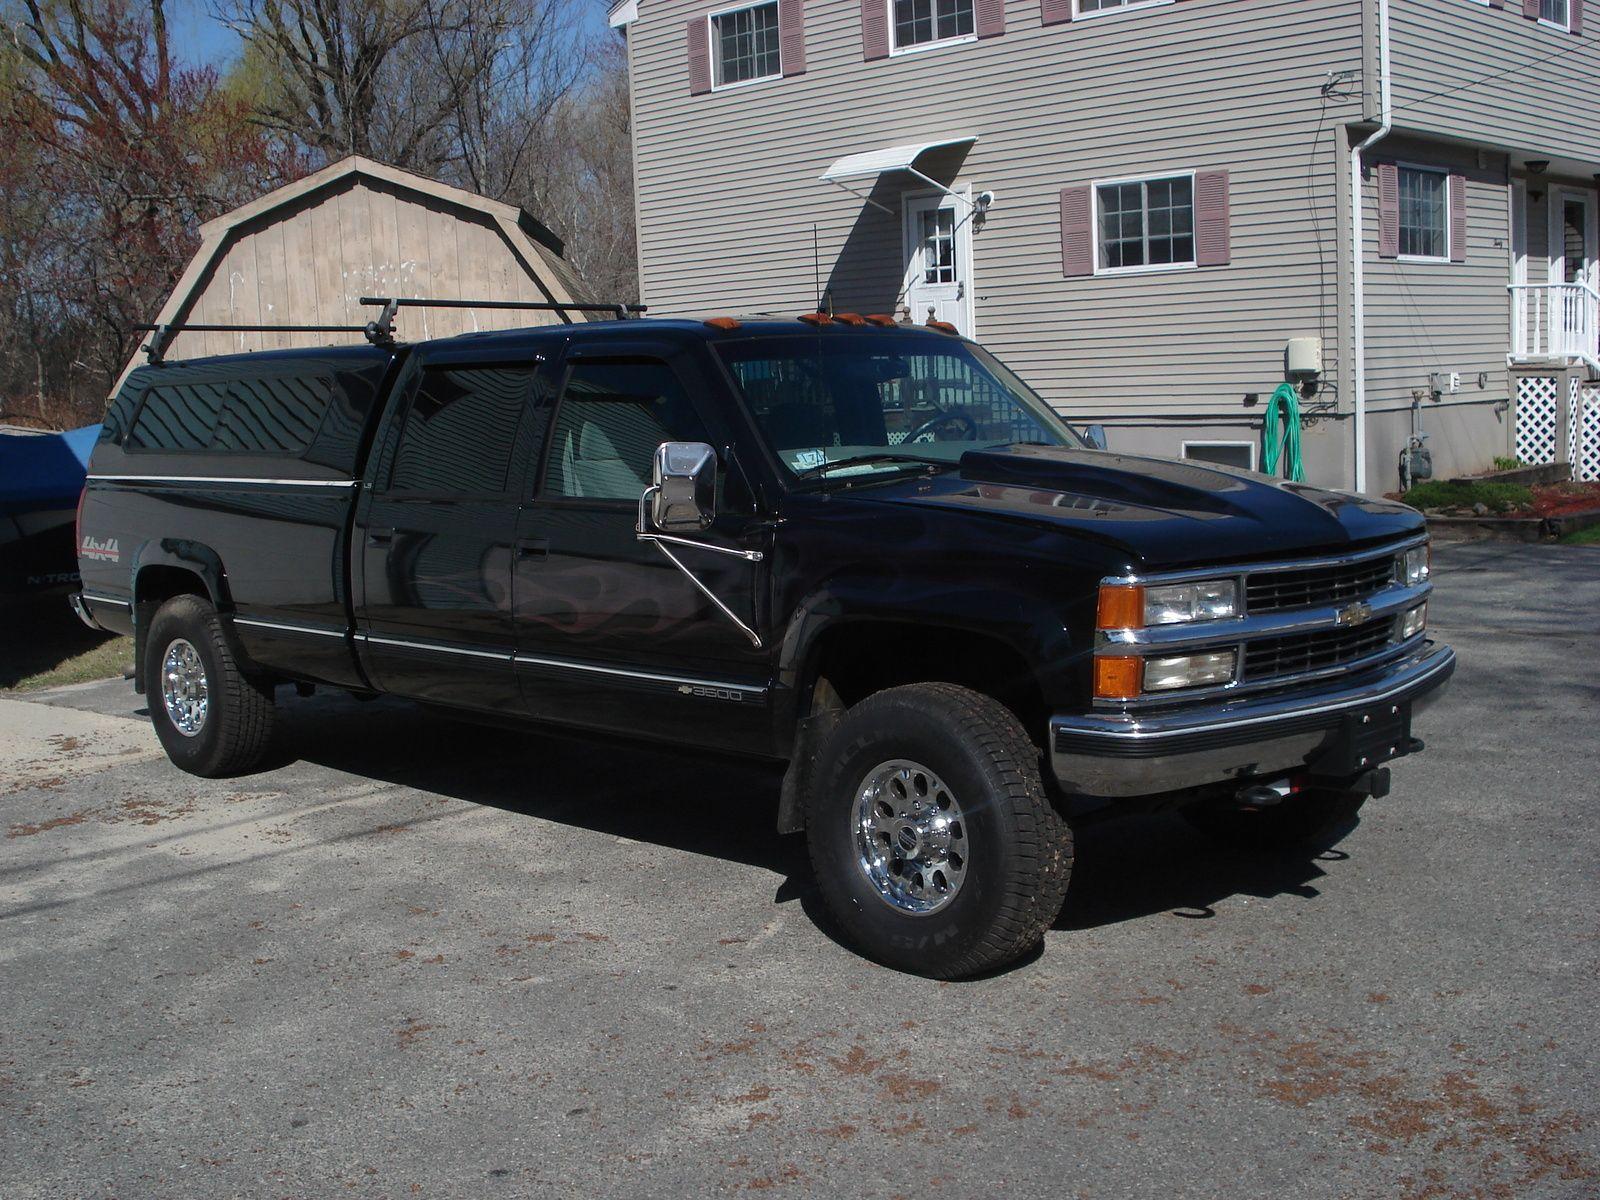 1998 Chevrolet C K 3500 Series 7 Jpg 1600 1200 Built Truck